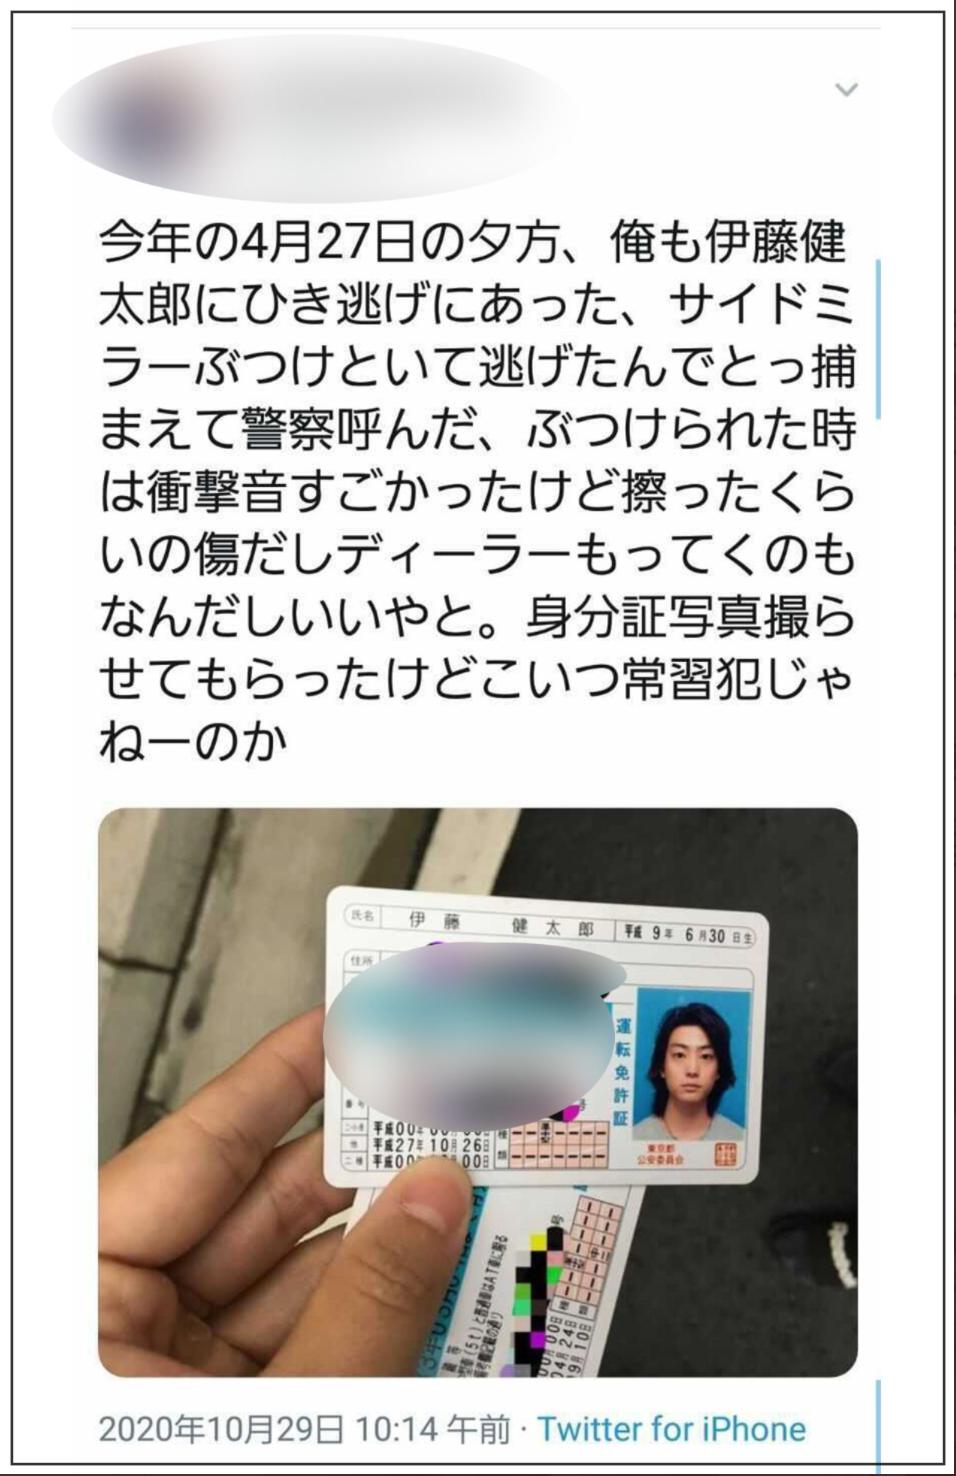 伊藤健太郎免許証